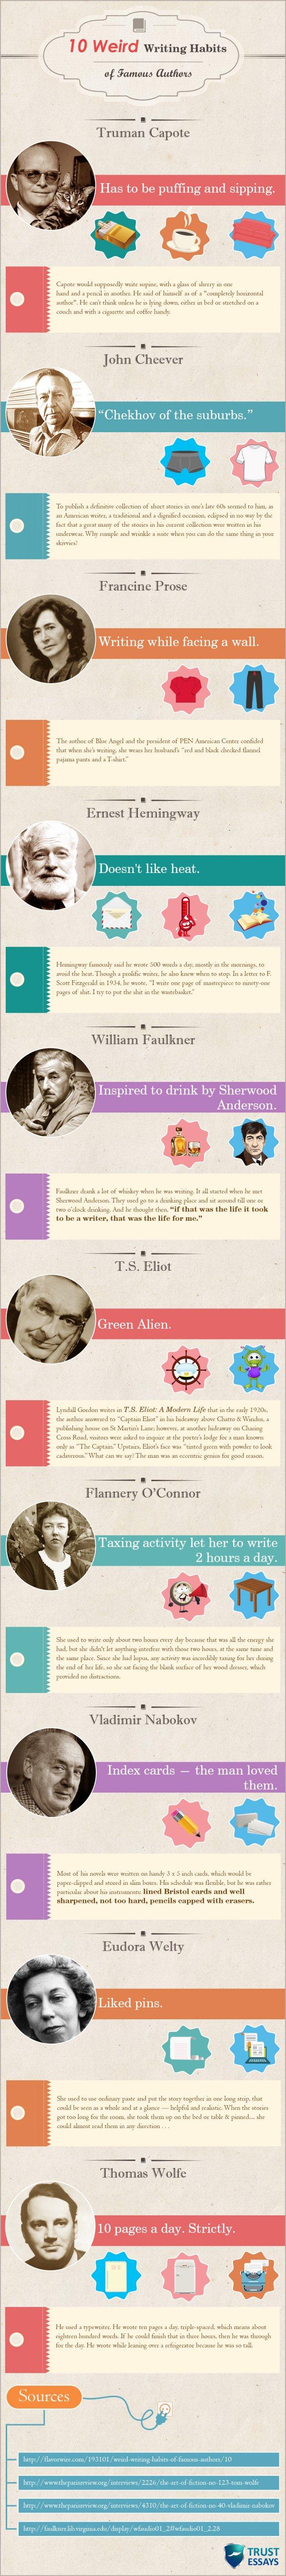 essay famous authors